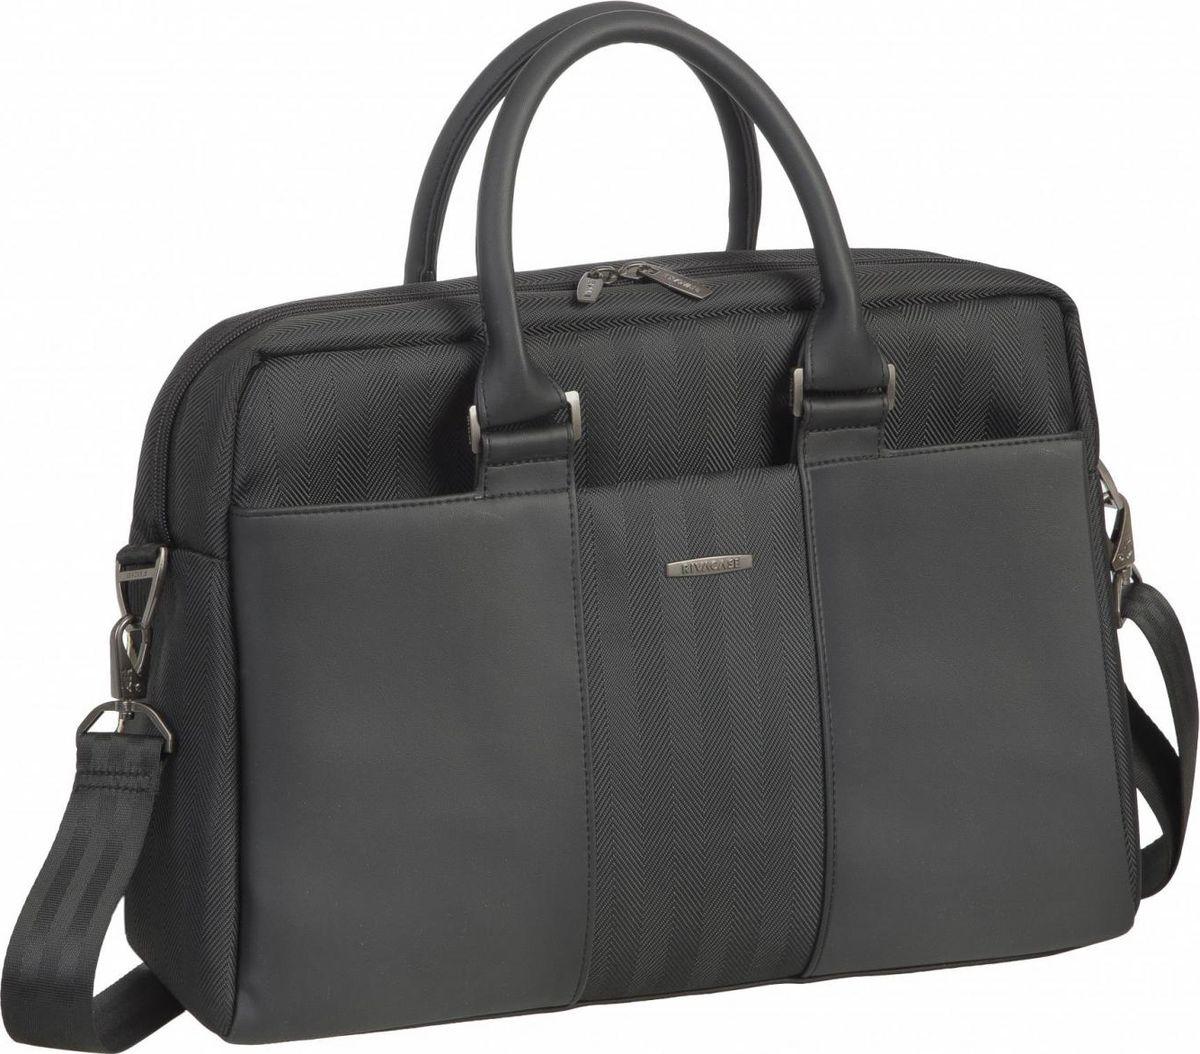 RivaCase 8121, Black сумка для ноутбука 14